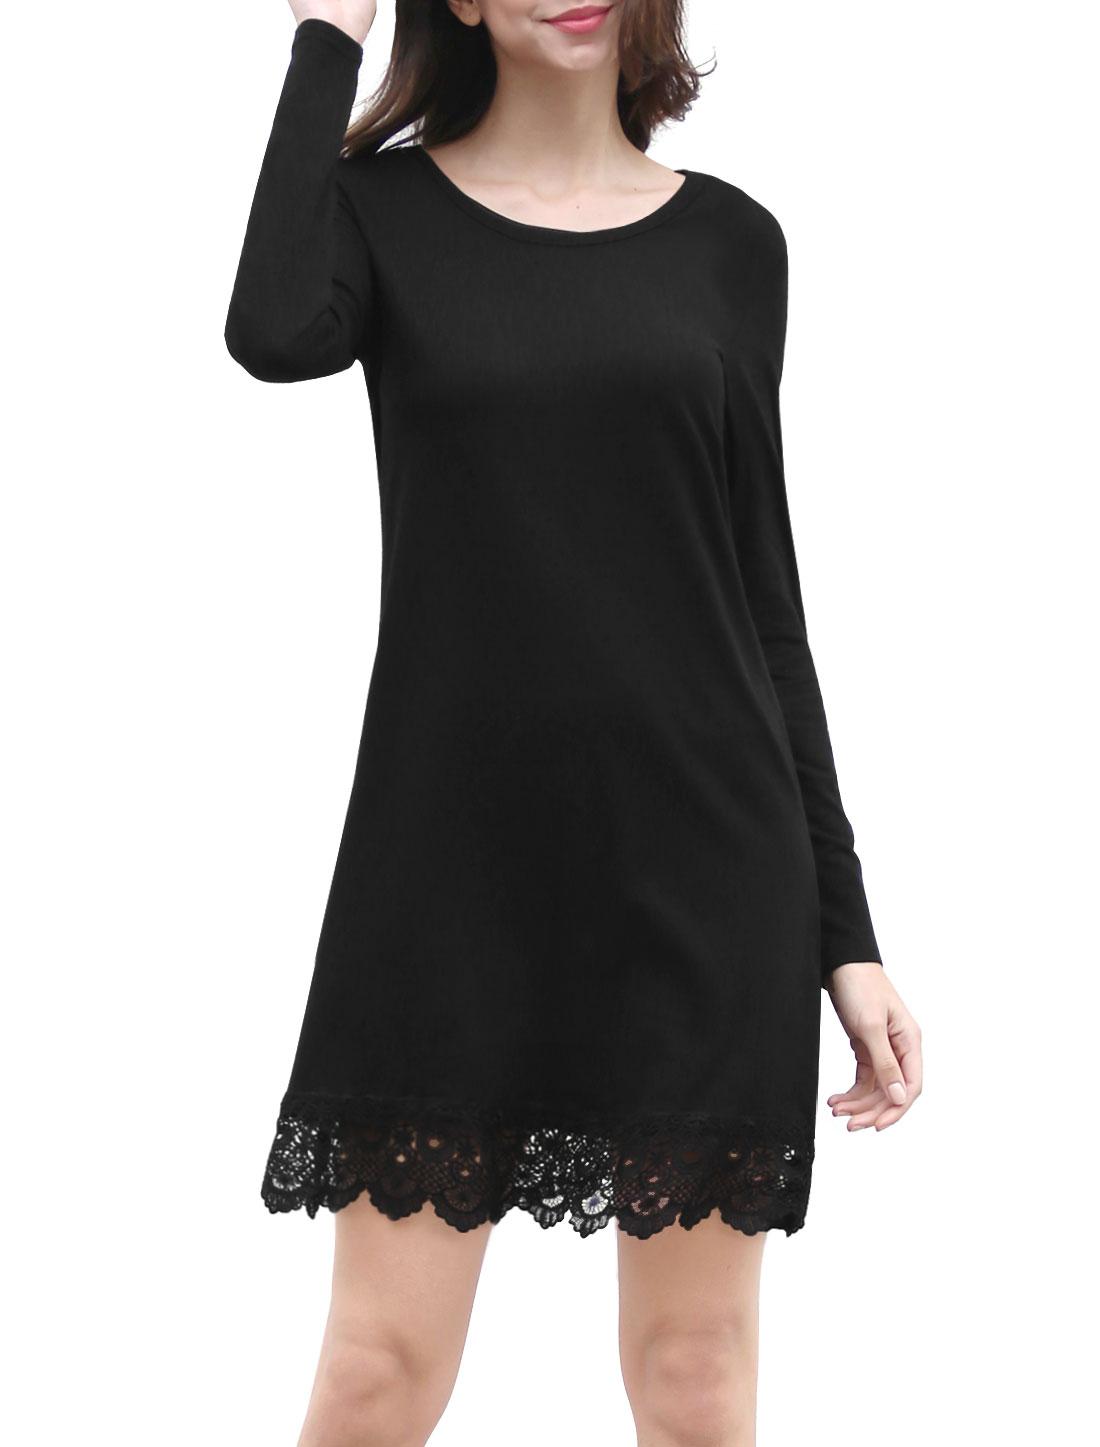 Women Long Sleeves Scalloped Crochet Hem Above Knee Dress Black XS